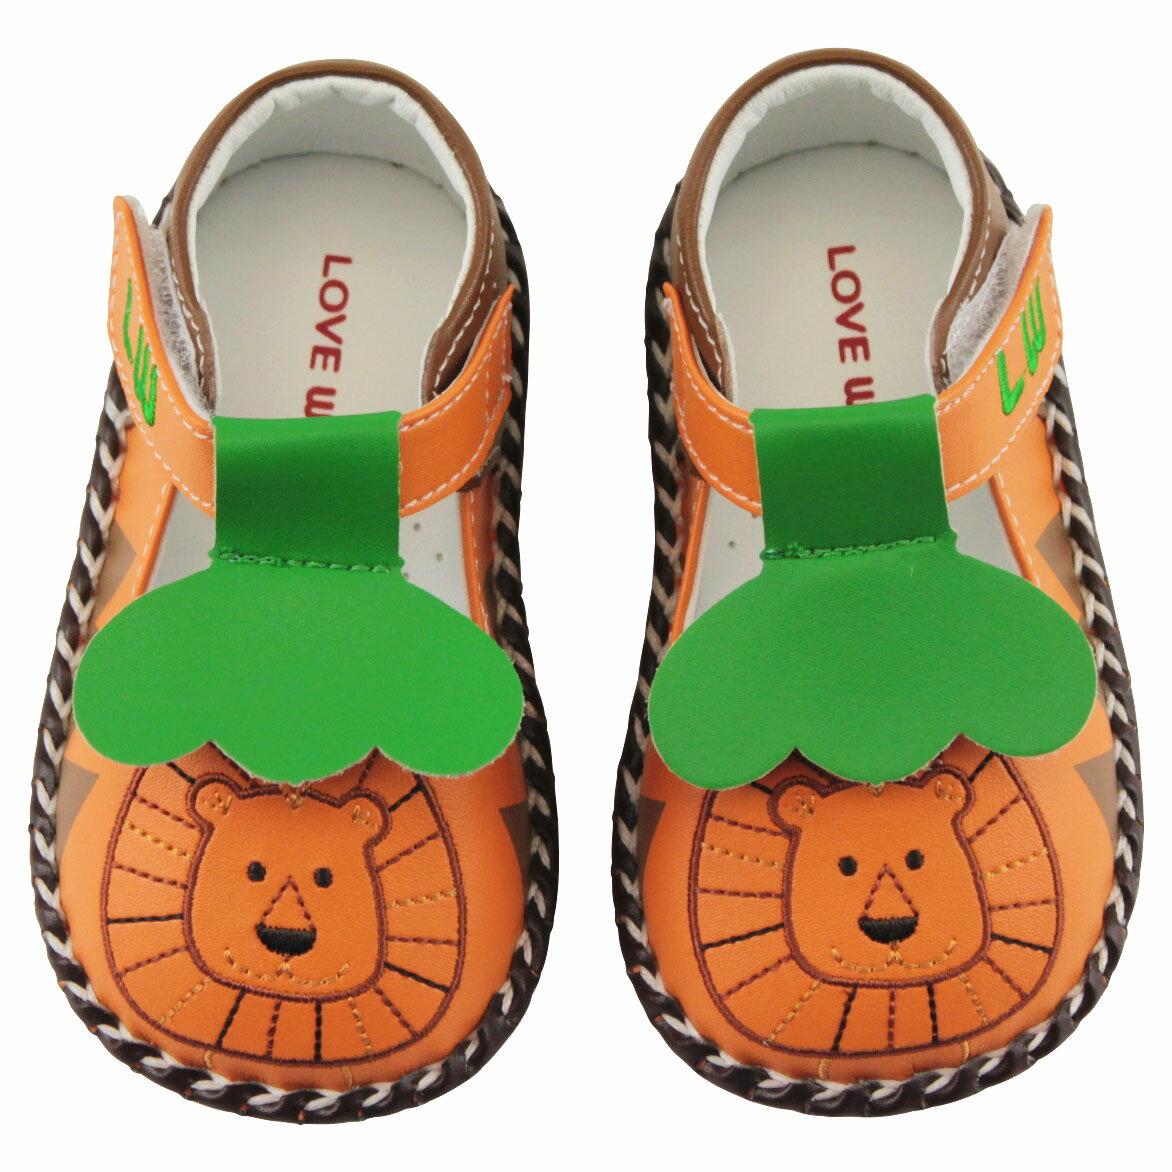 [愛的世界]愛的世界寶寶鞋LW森林之王寶寶鞋橙色台灣製